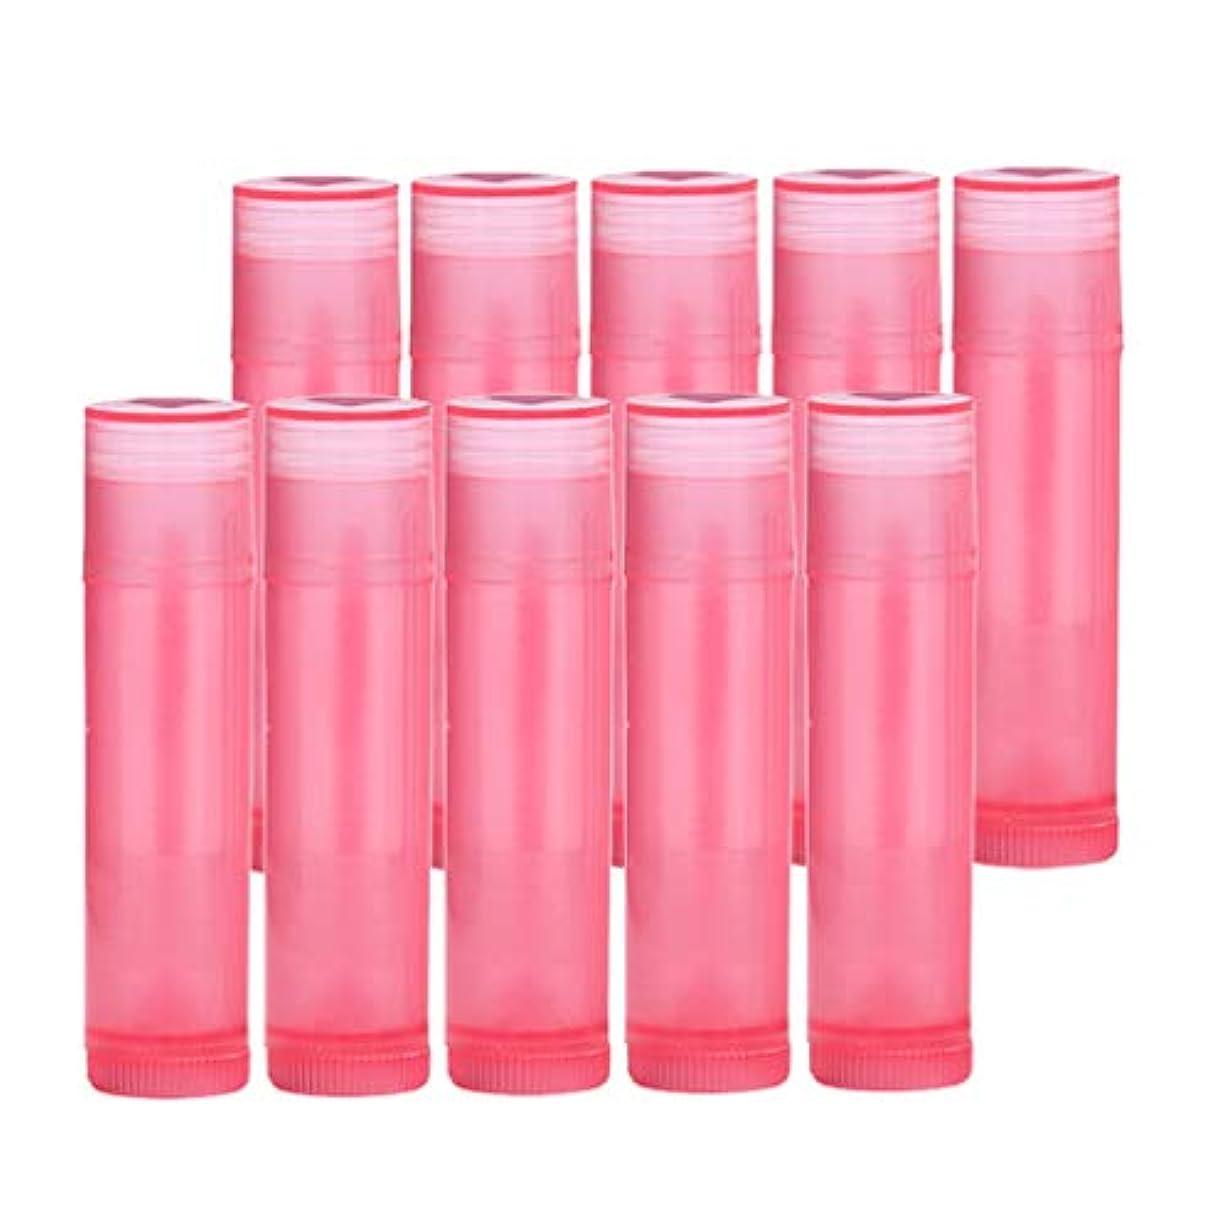 主観的クラッチ磨かれたプラスチック 空 口紅容器 口紅の管 リップクリーム容器 10個 全7色 - ローズレッド